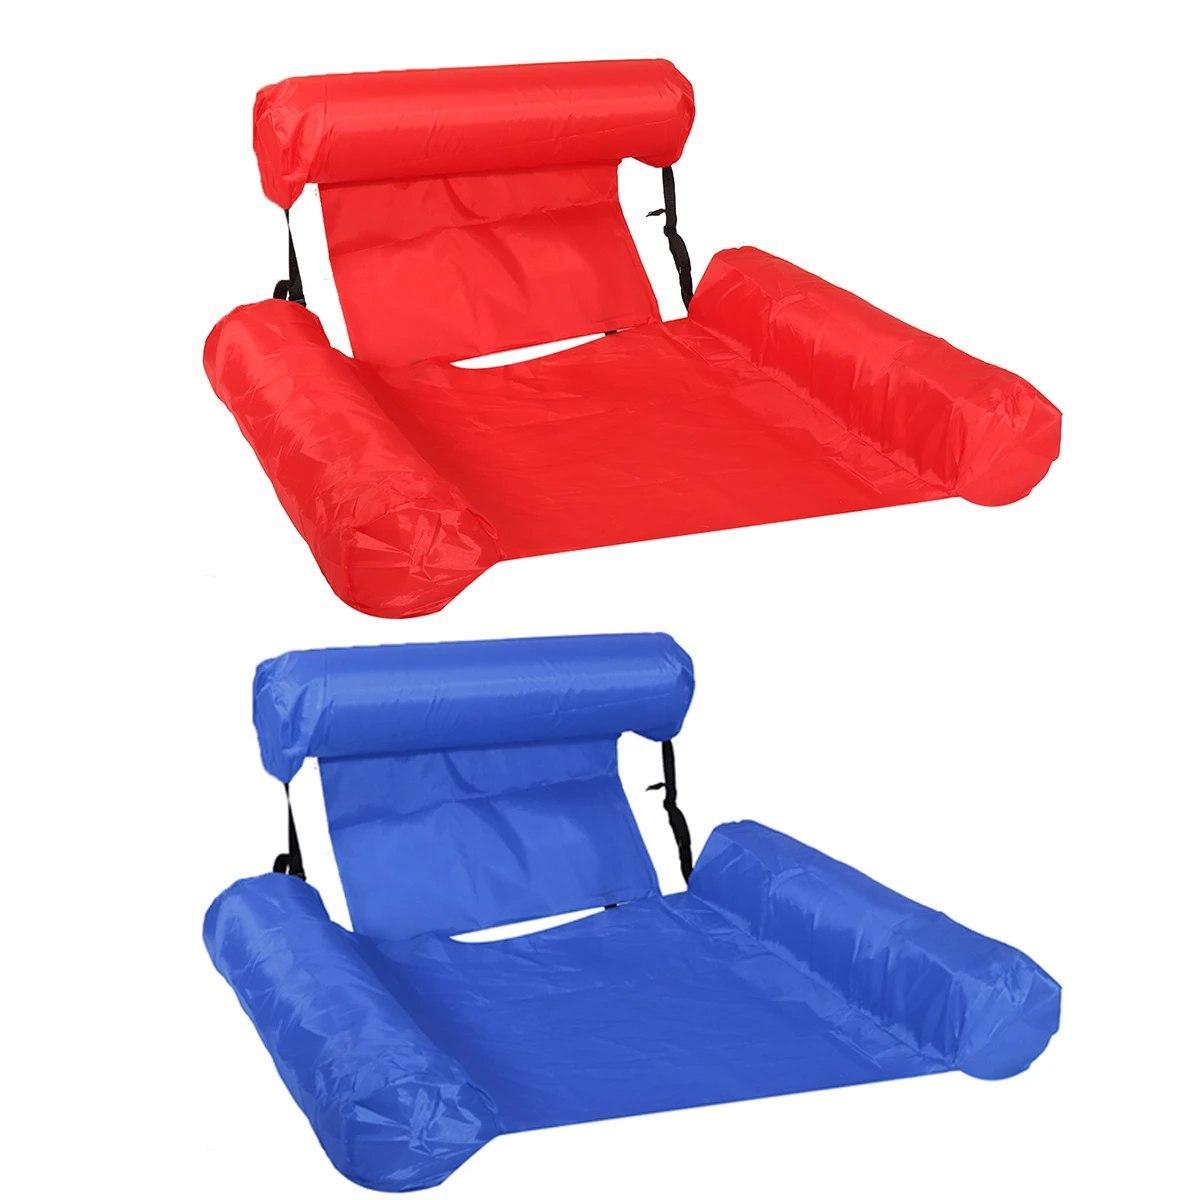 Inflatable floating bed Надувне пляжне крісло-гамак, надувний складаний матрац для відпочинку зі спинкою